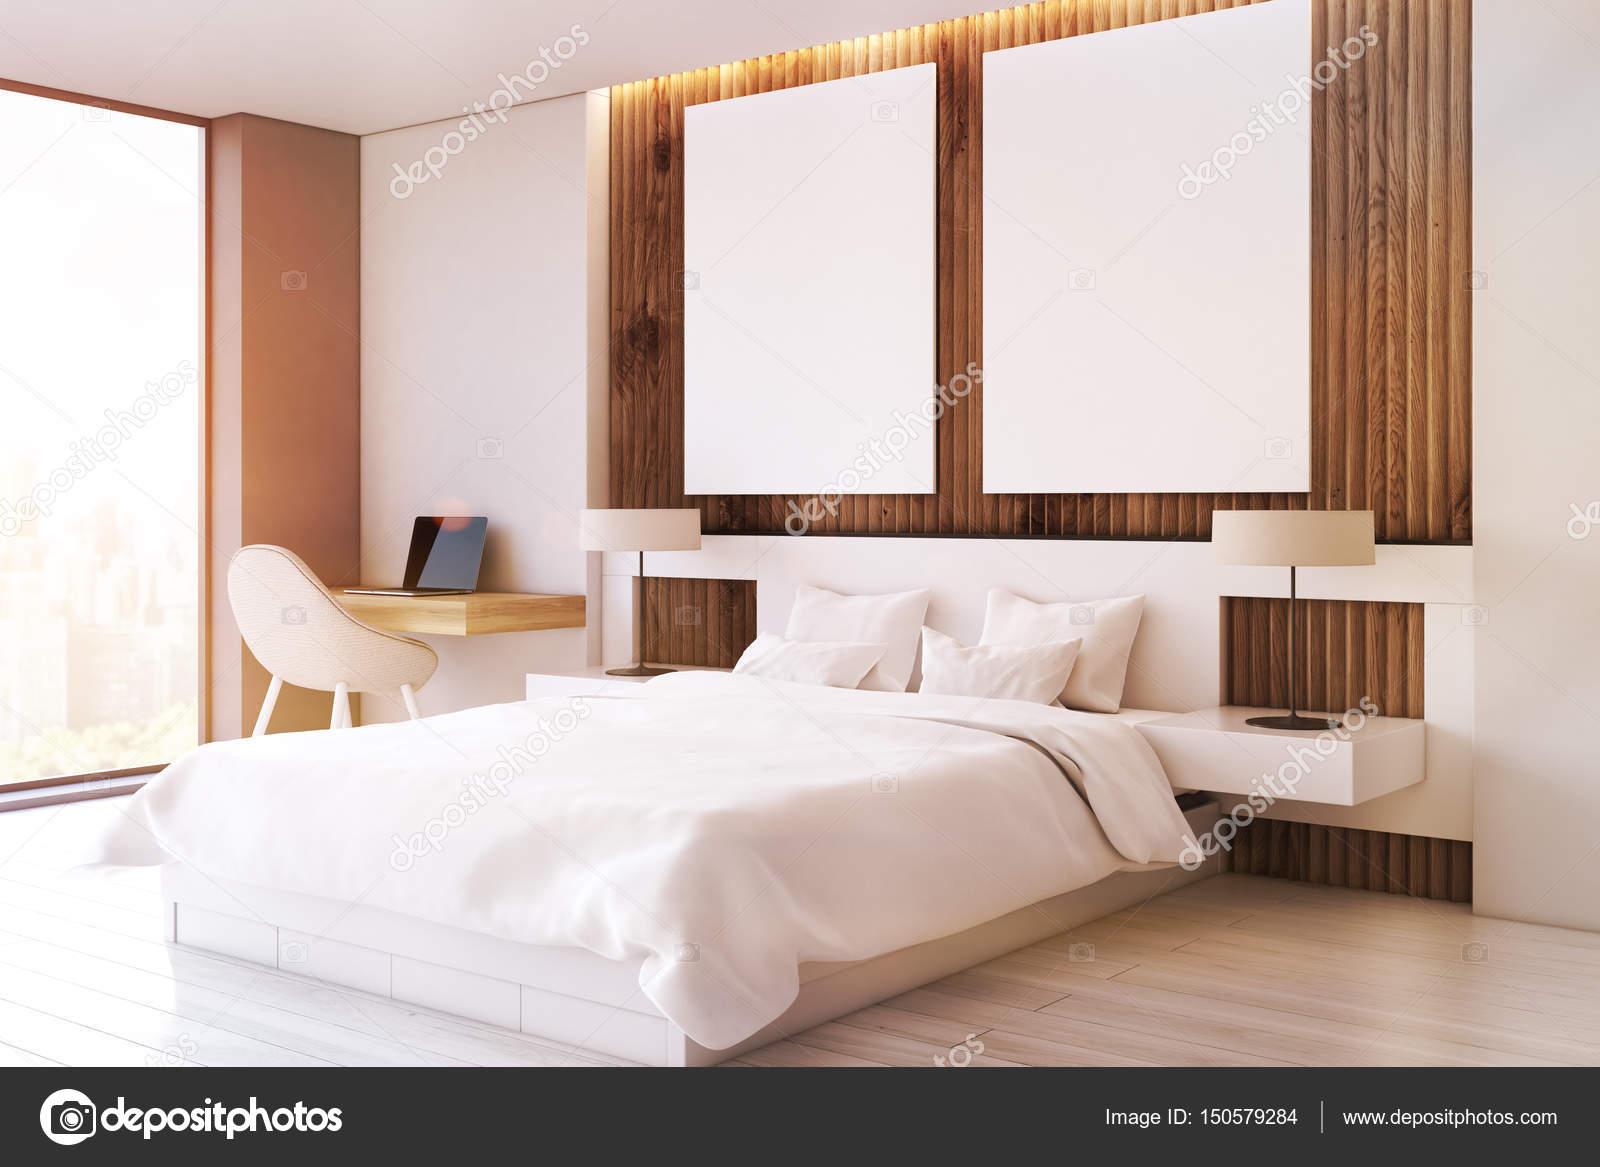 Posters In Slaapkamer : Slaapkamer afbeeldingen beelden en stockfoto s istock